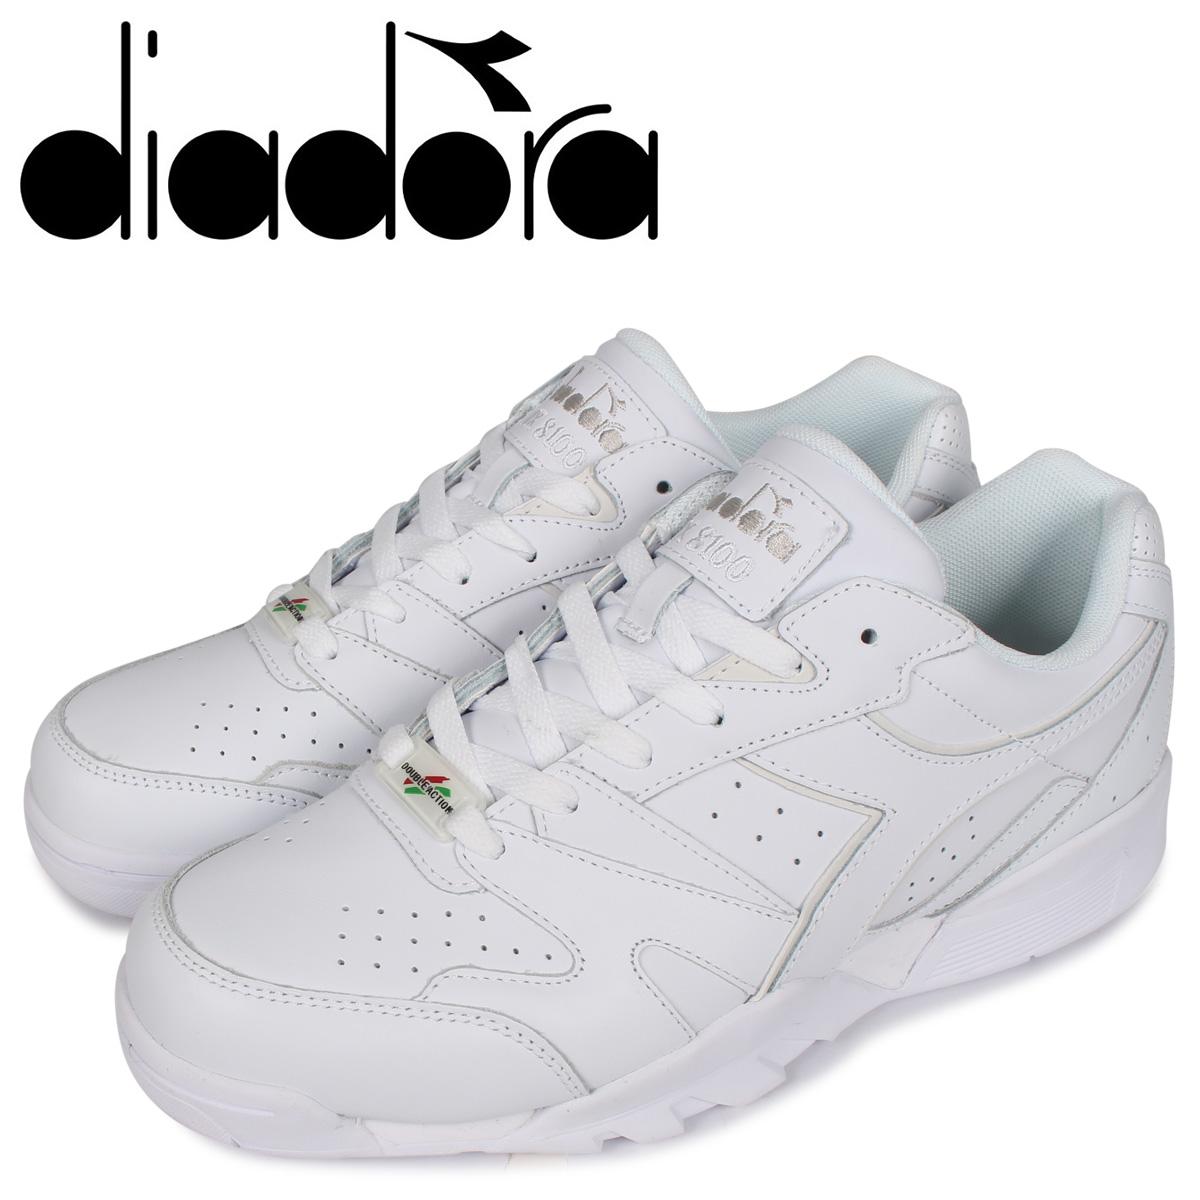 Diadora ディアドラ クロス トレイナー スニーカー メンズ CROSS TRAINER DX ホワイト 白 175732-6180 [3/2 新入荷]